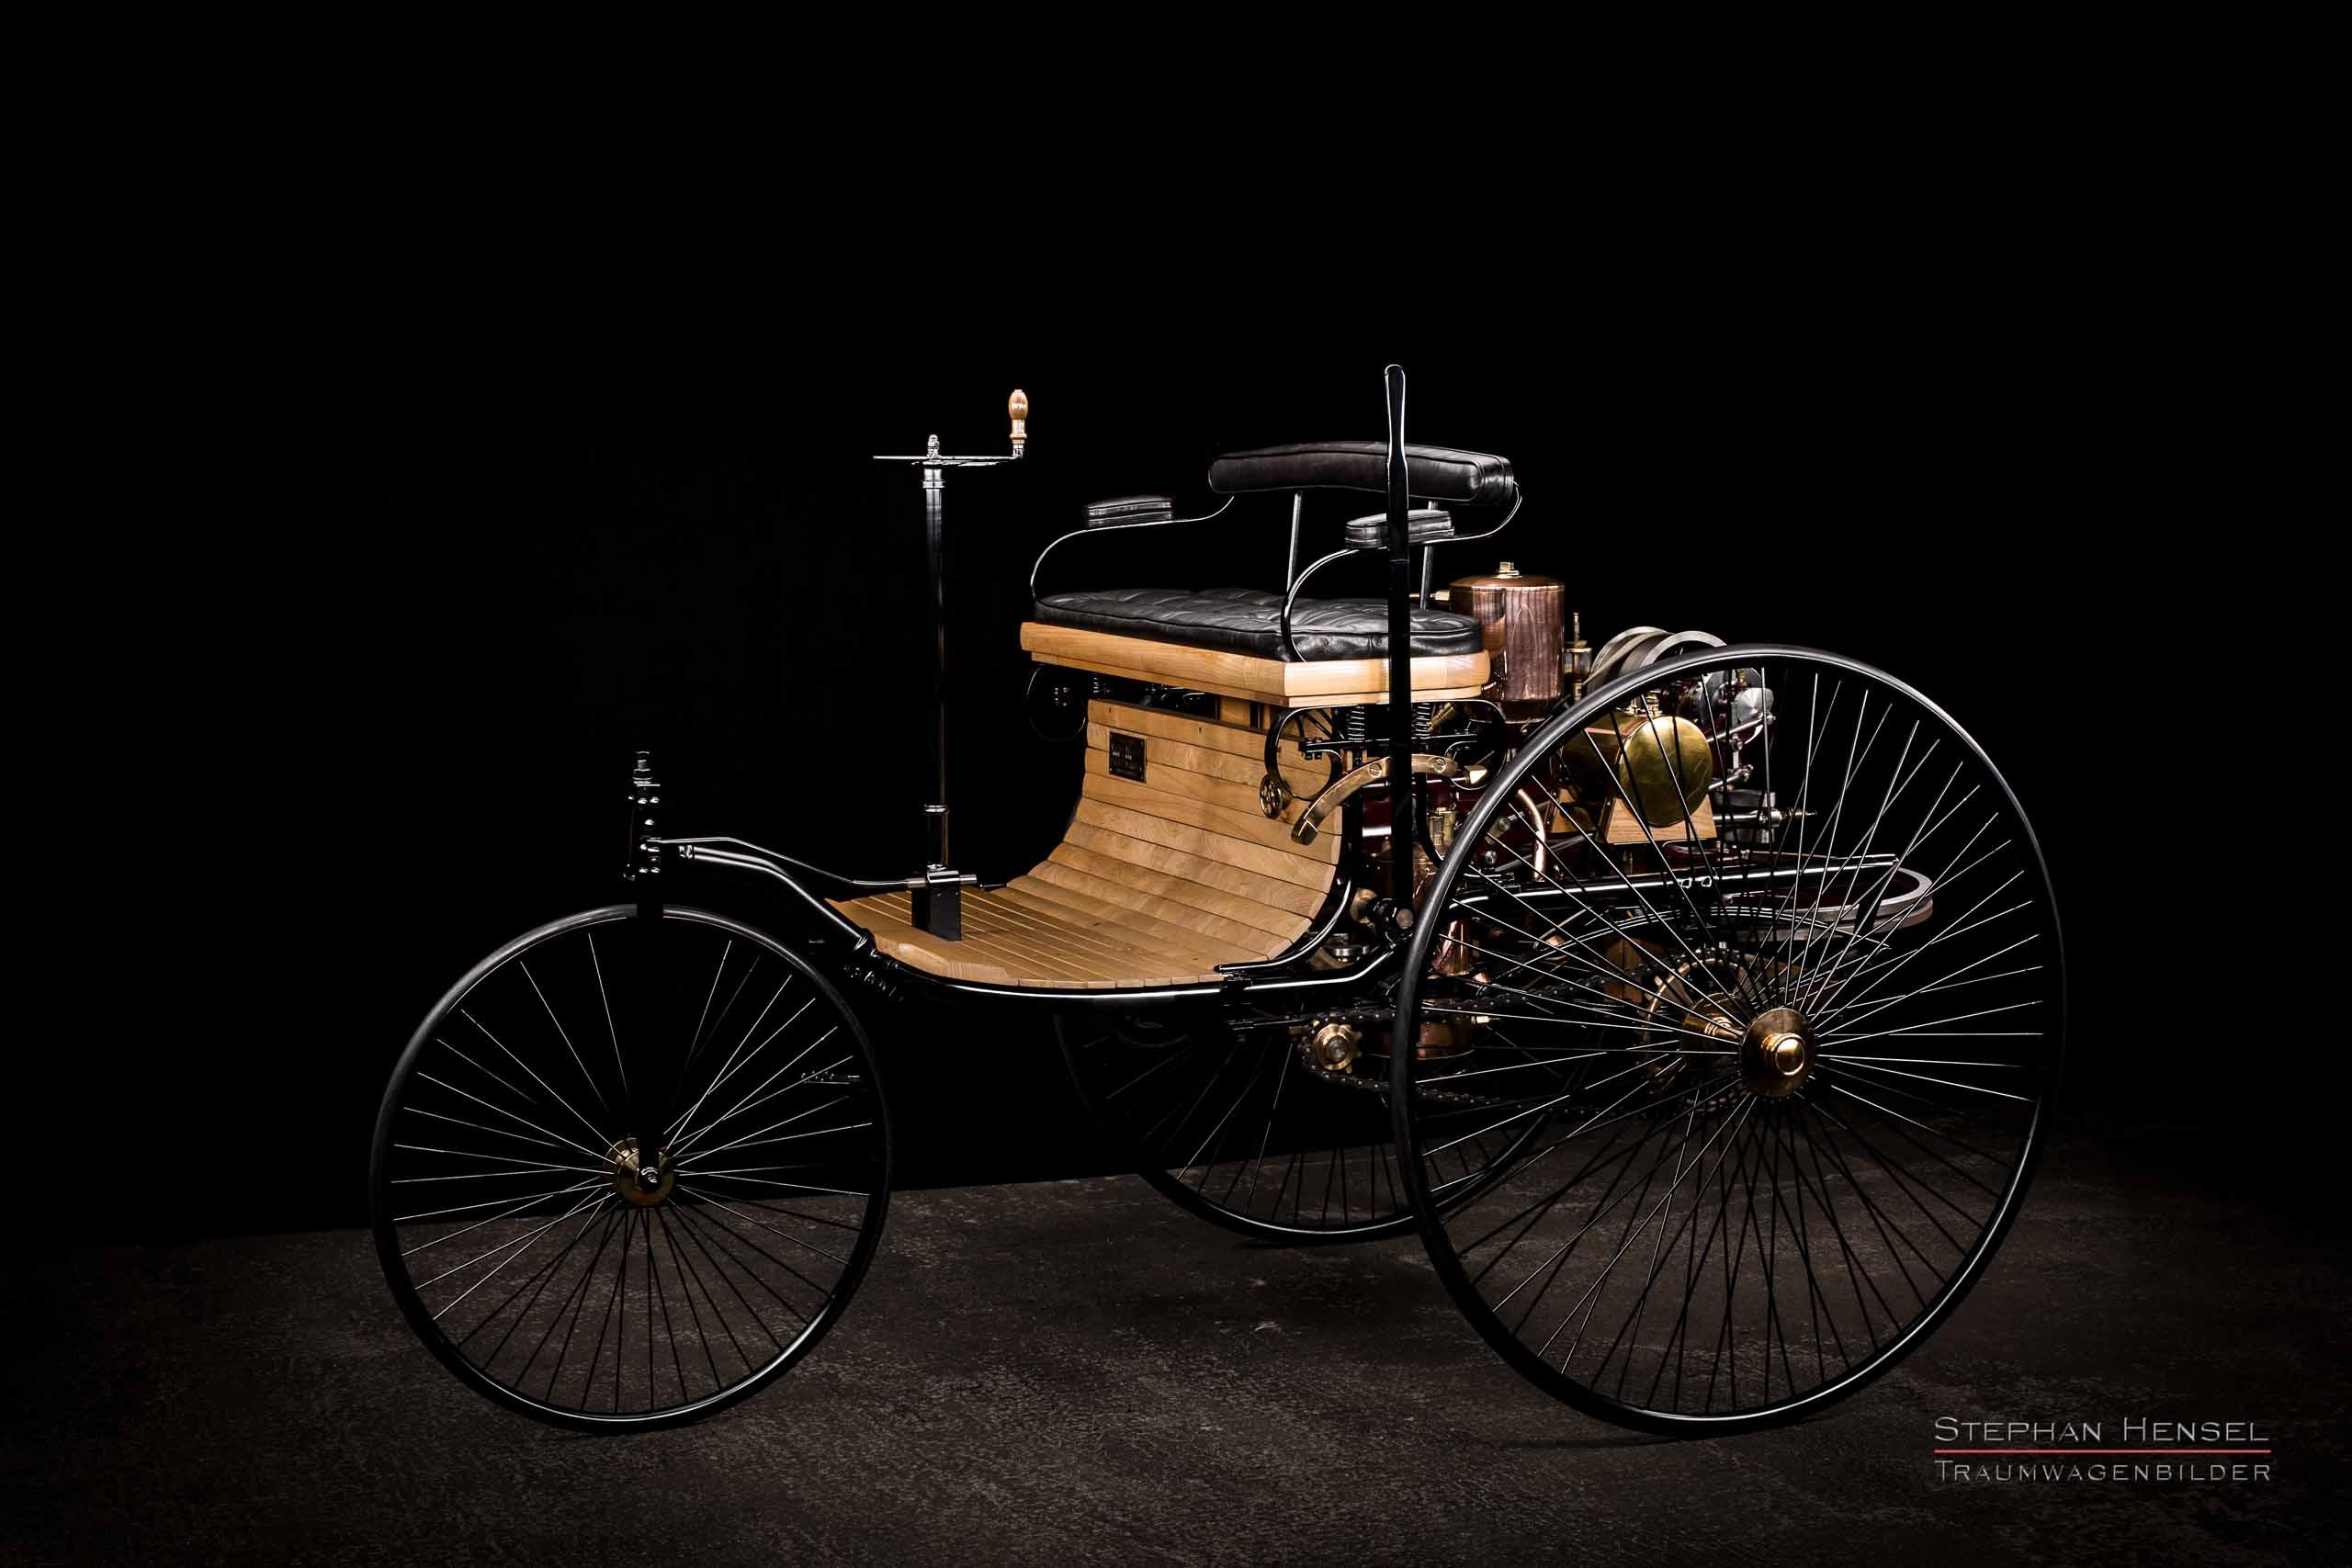 Benz Patent-Motorwagen Nr.1, Das erste Automobil, Ansicht von links vorn, Oldtimerfotografie: Stephan Hensel, Hamburg, Oldtimerfotograf, Oldtimer, Oldtimerfotografie